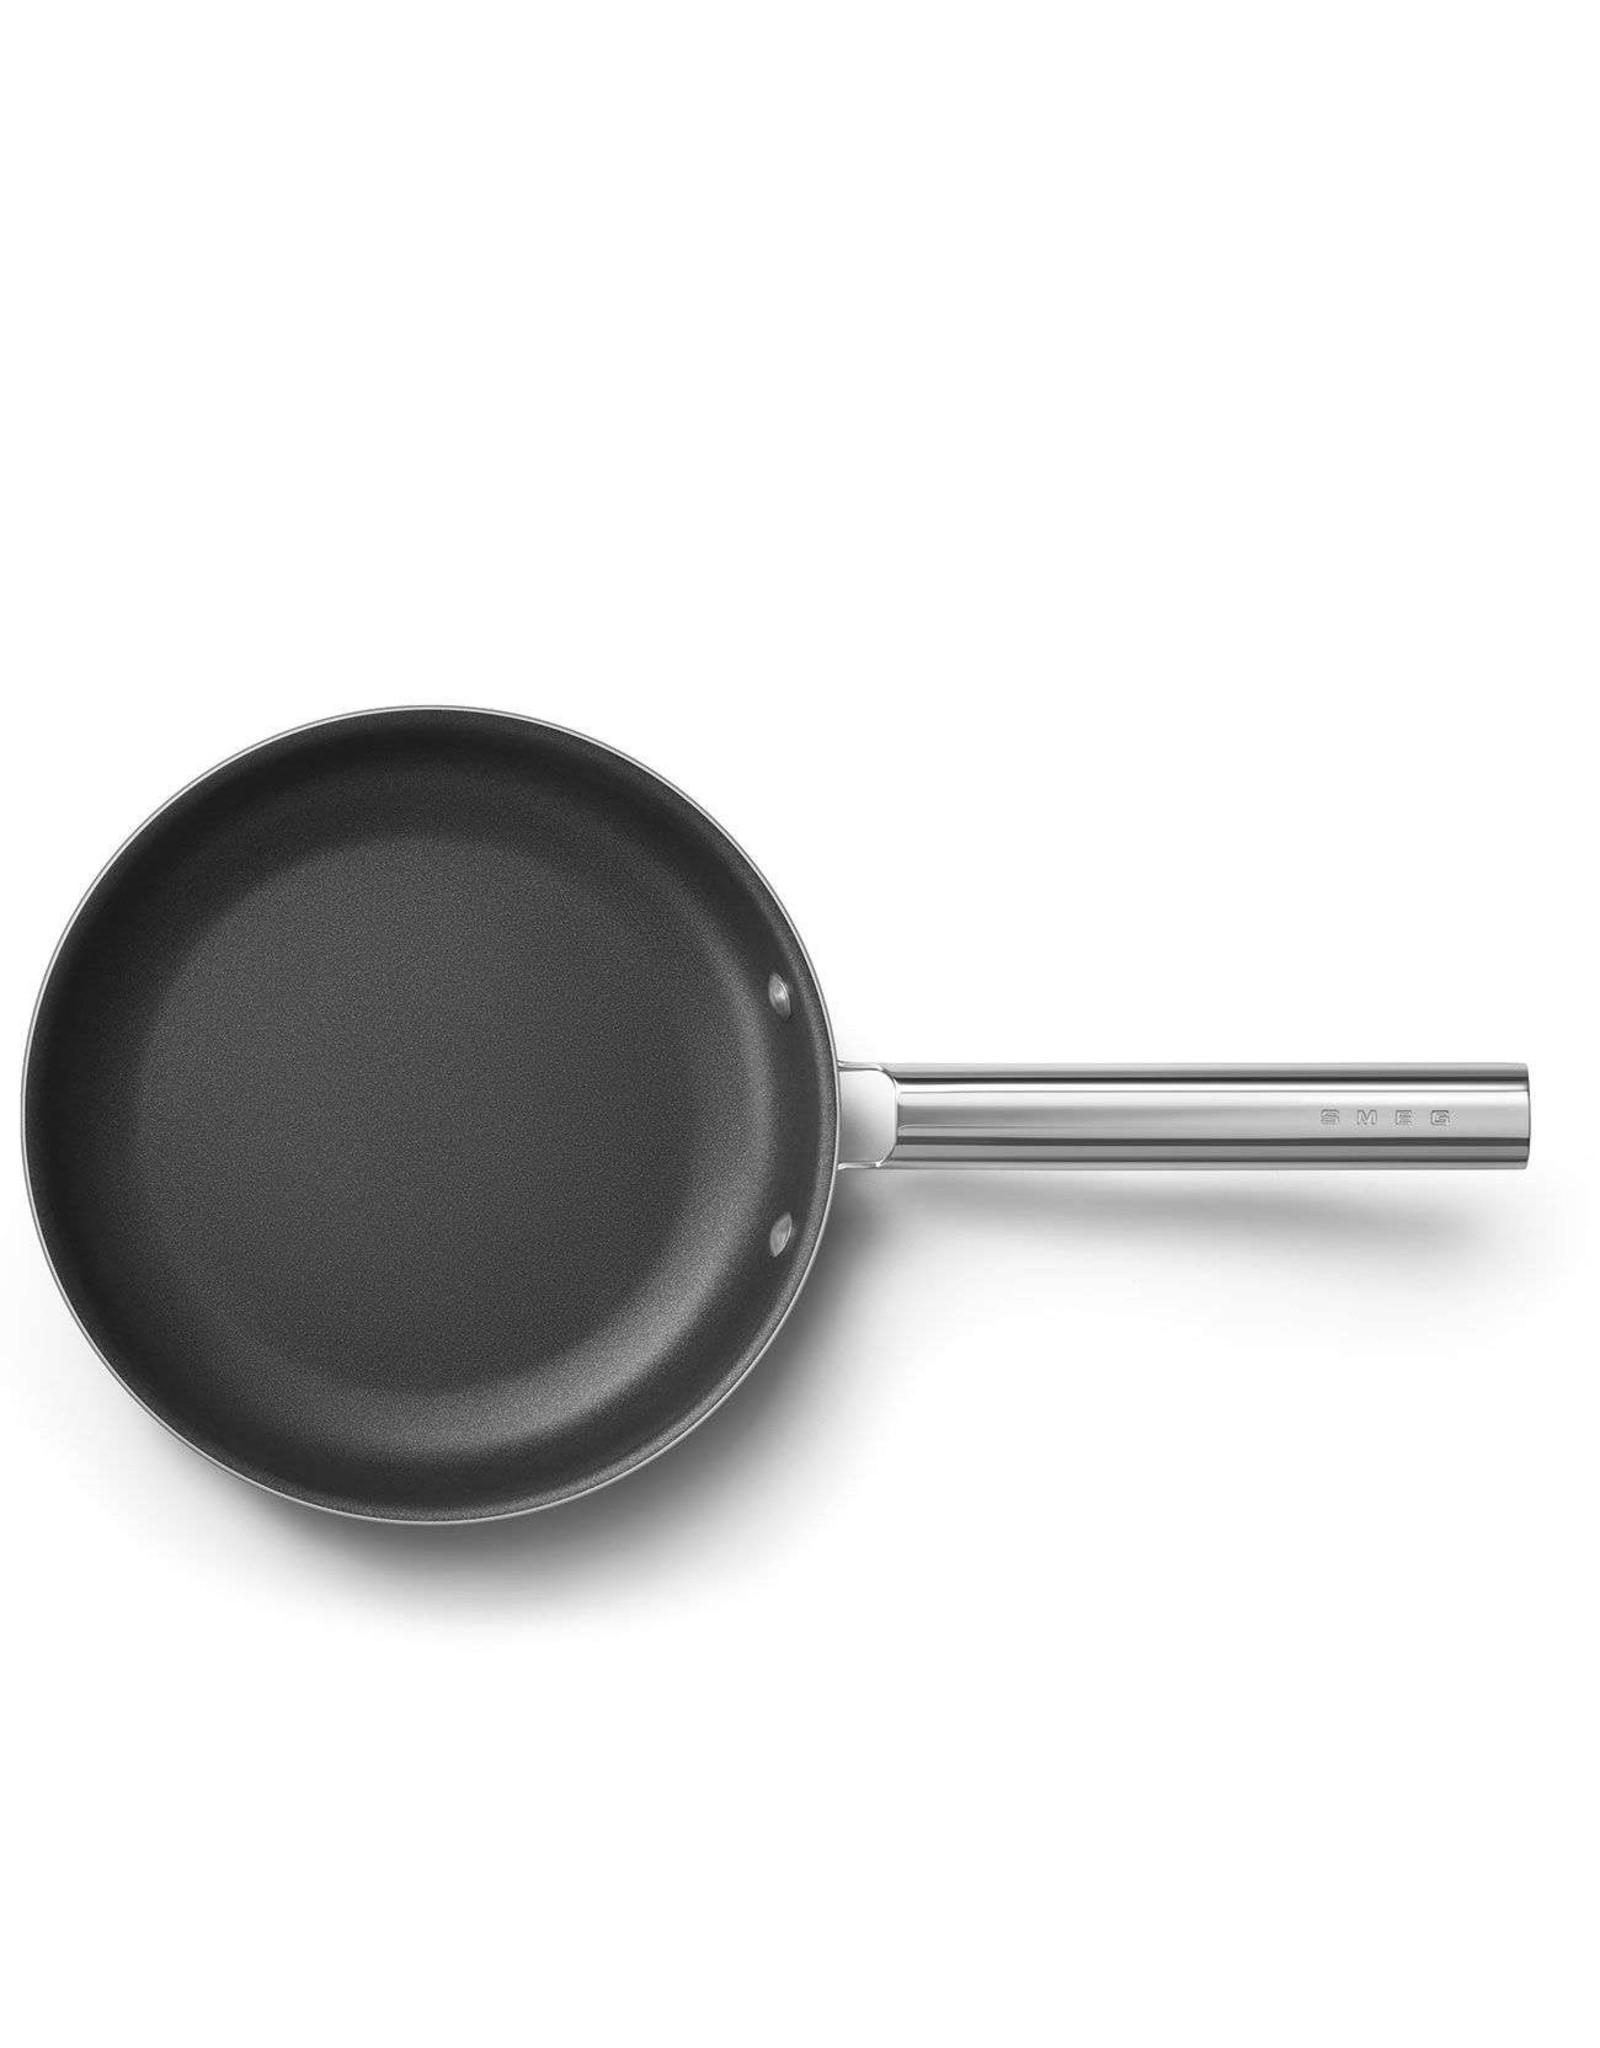 Smeg. Koekenpan 28cm. Mat zwart